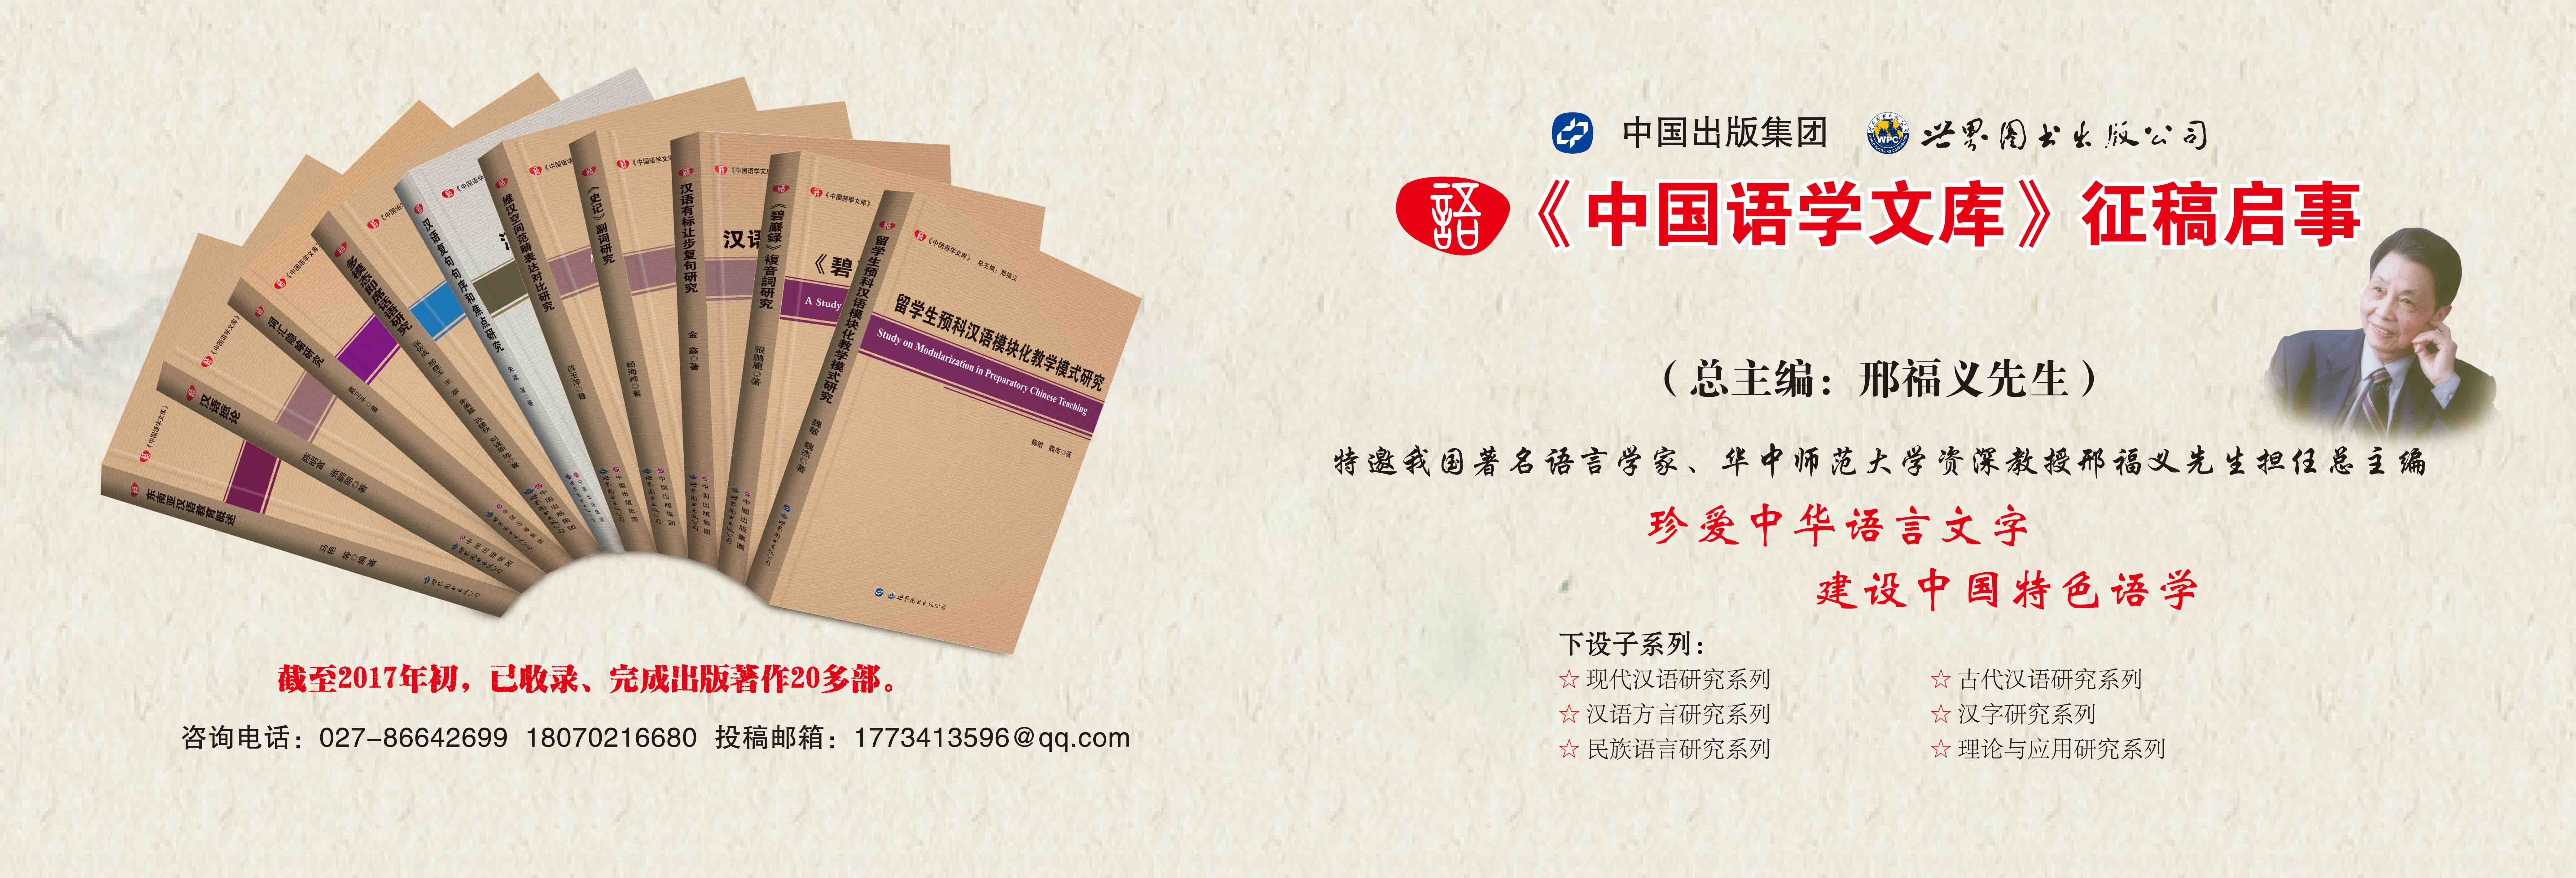 中国语言文库